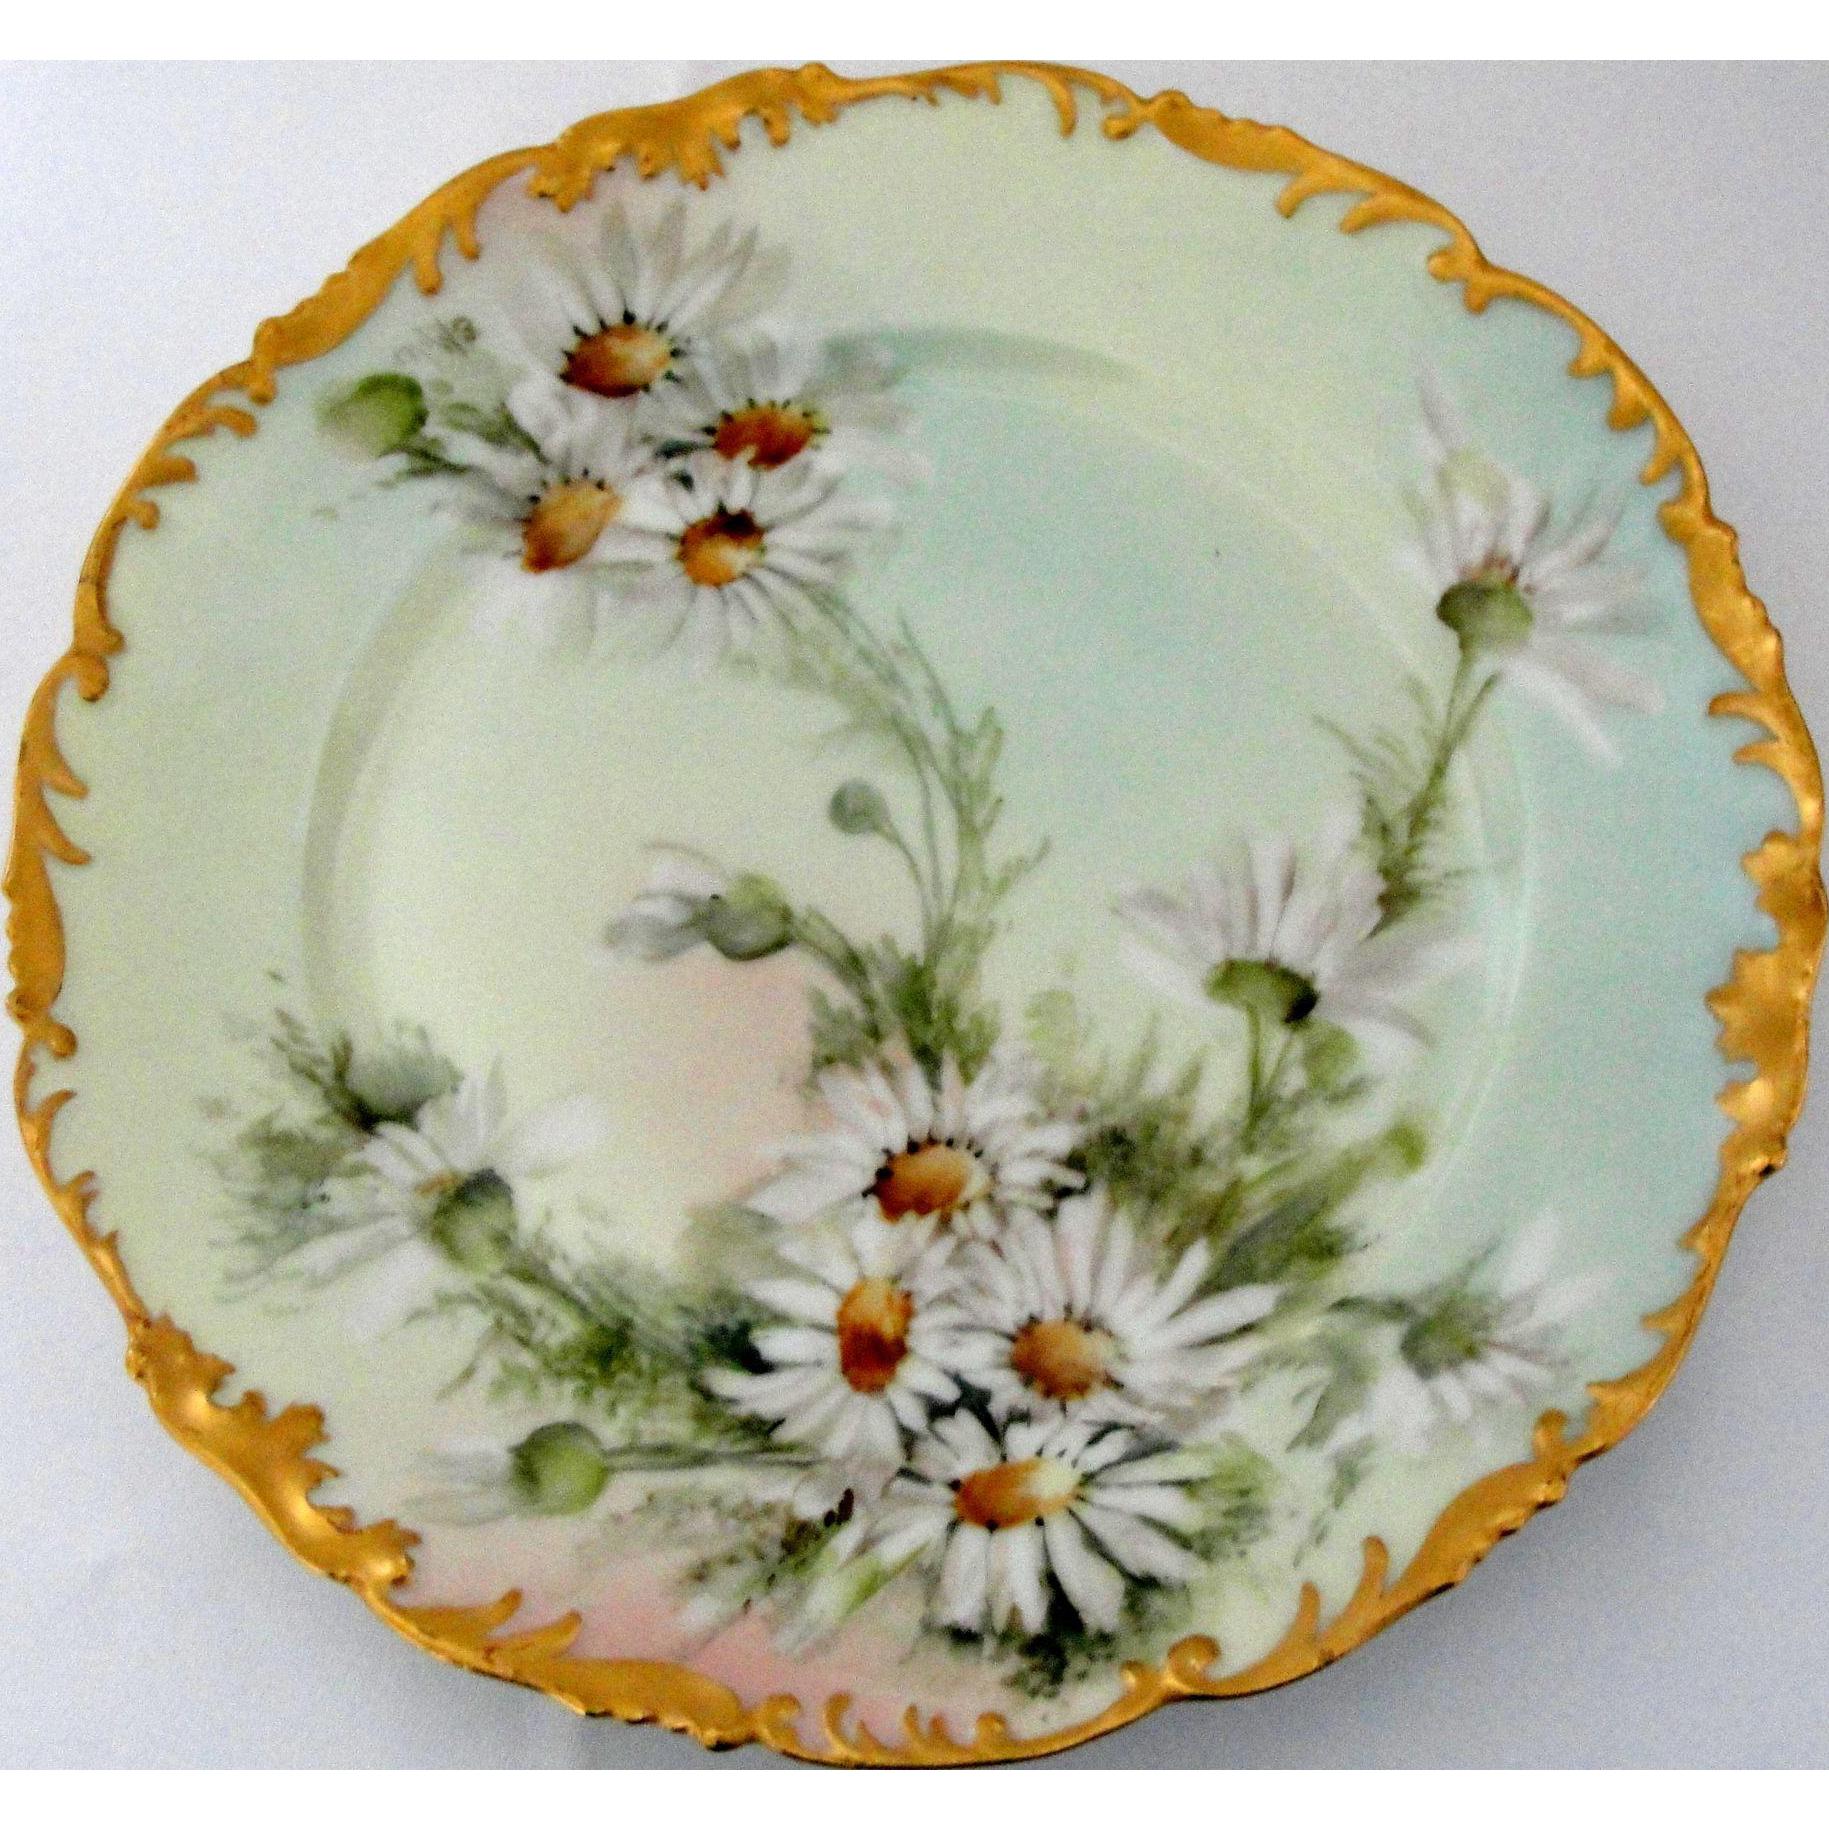 T Amp V Limoges Porcelain Plate Signed Ester Miler With